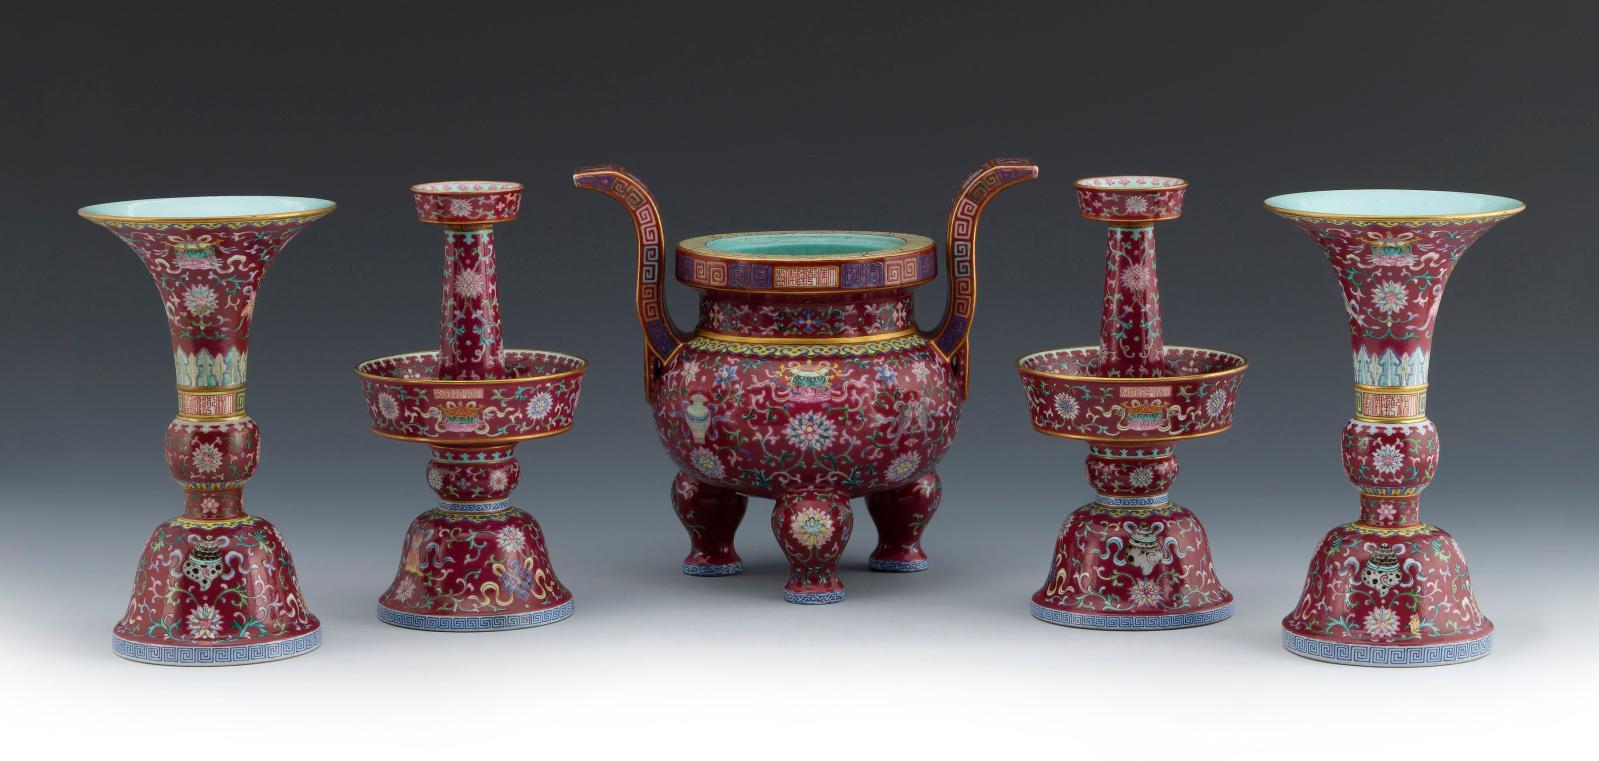 Ensemble de cinq objets destinés à l'autel, céramique (famille rose), four de Jingdezhen, règne de l'empereur Qianlong (1735-1796), dynastie des Qing